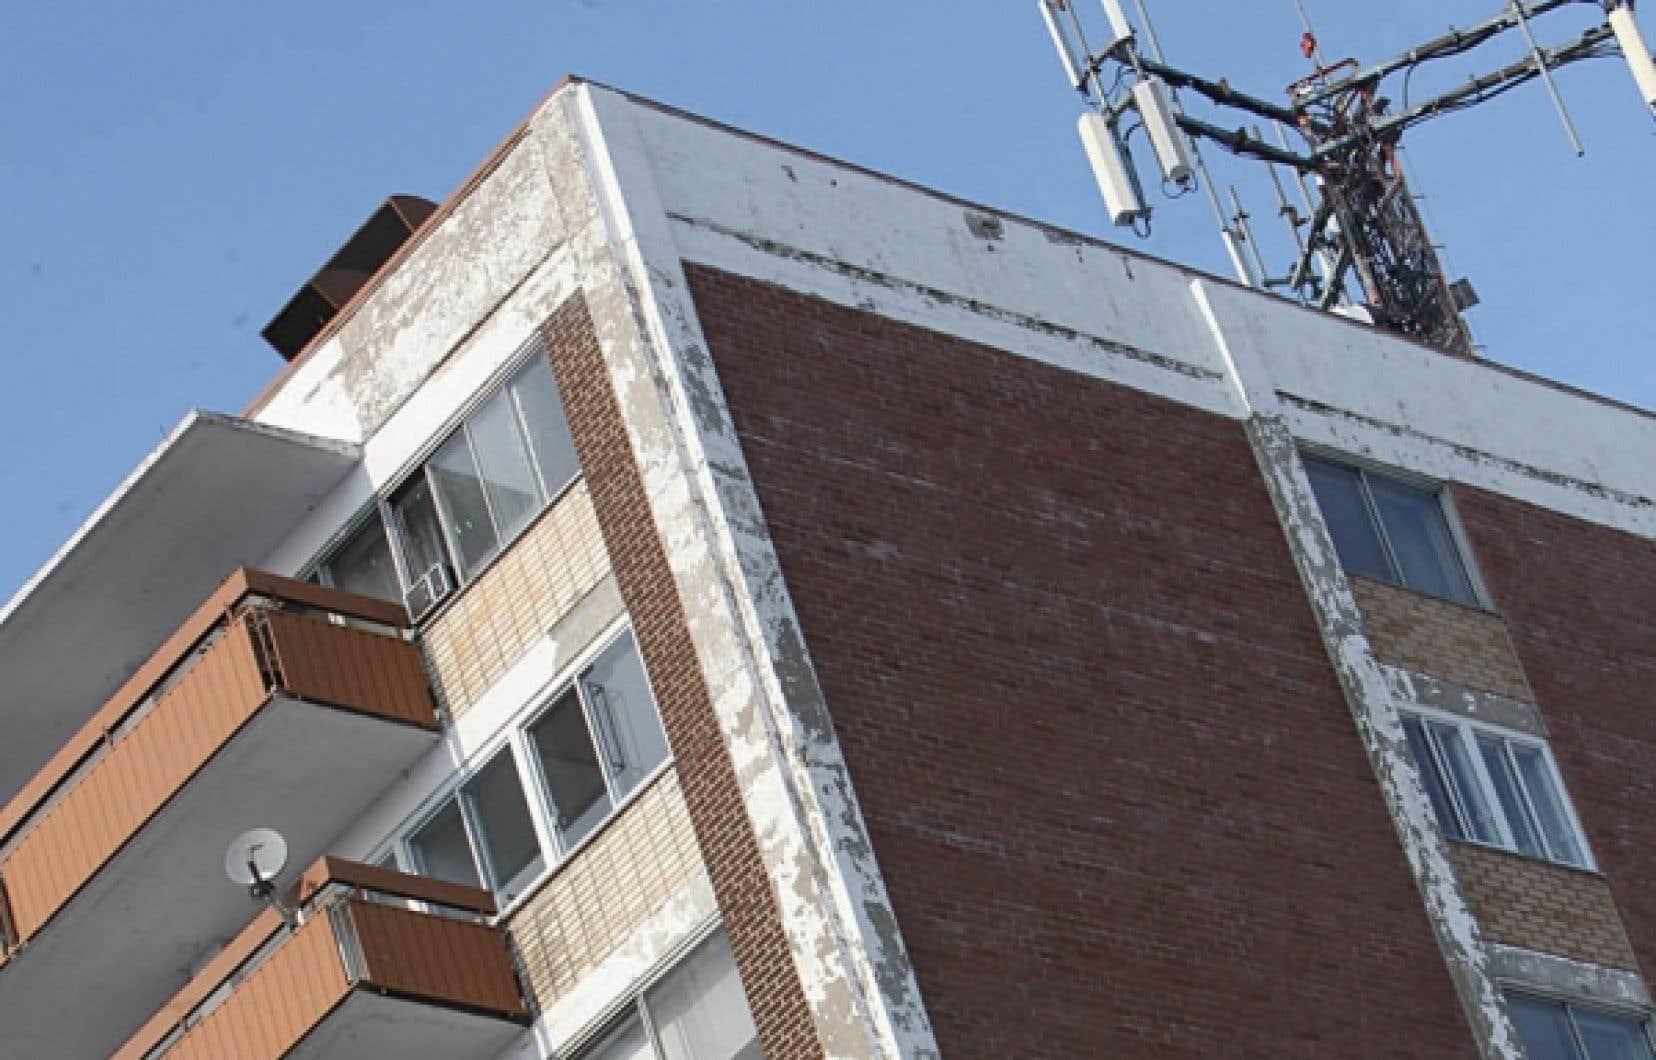 Les antennes de téléphonie mobile se multiplient sans que les villes aient leur mot à dire.